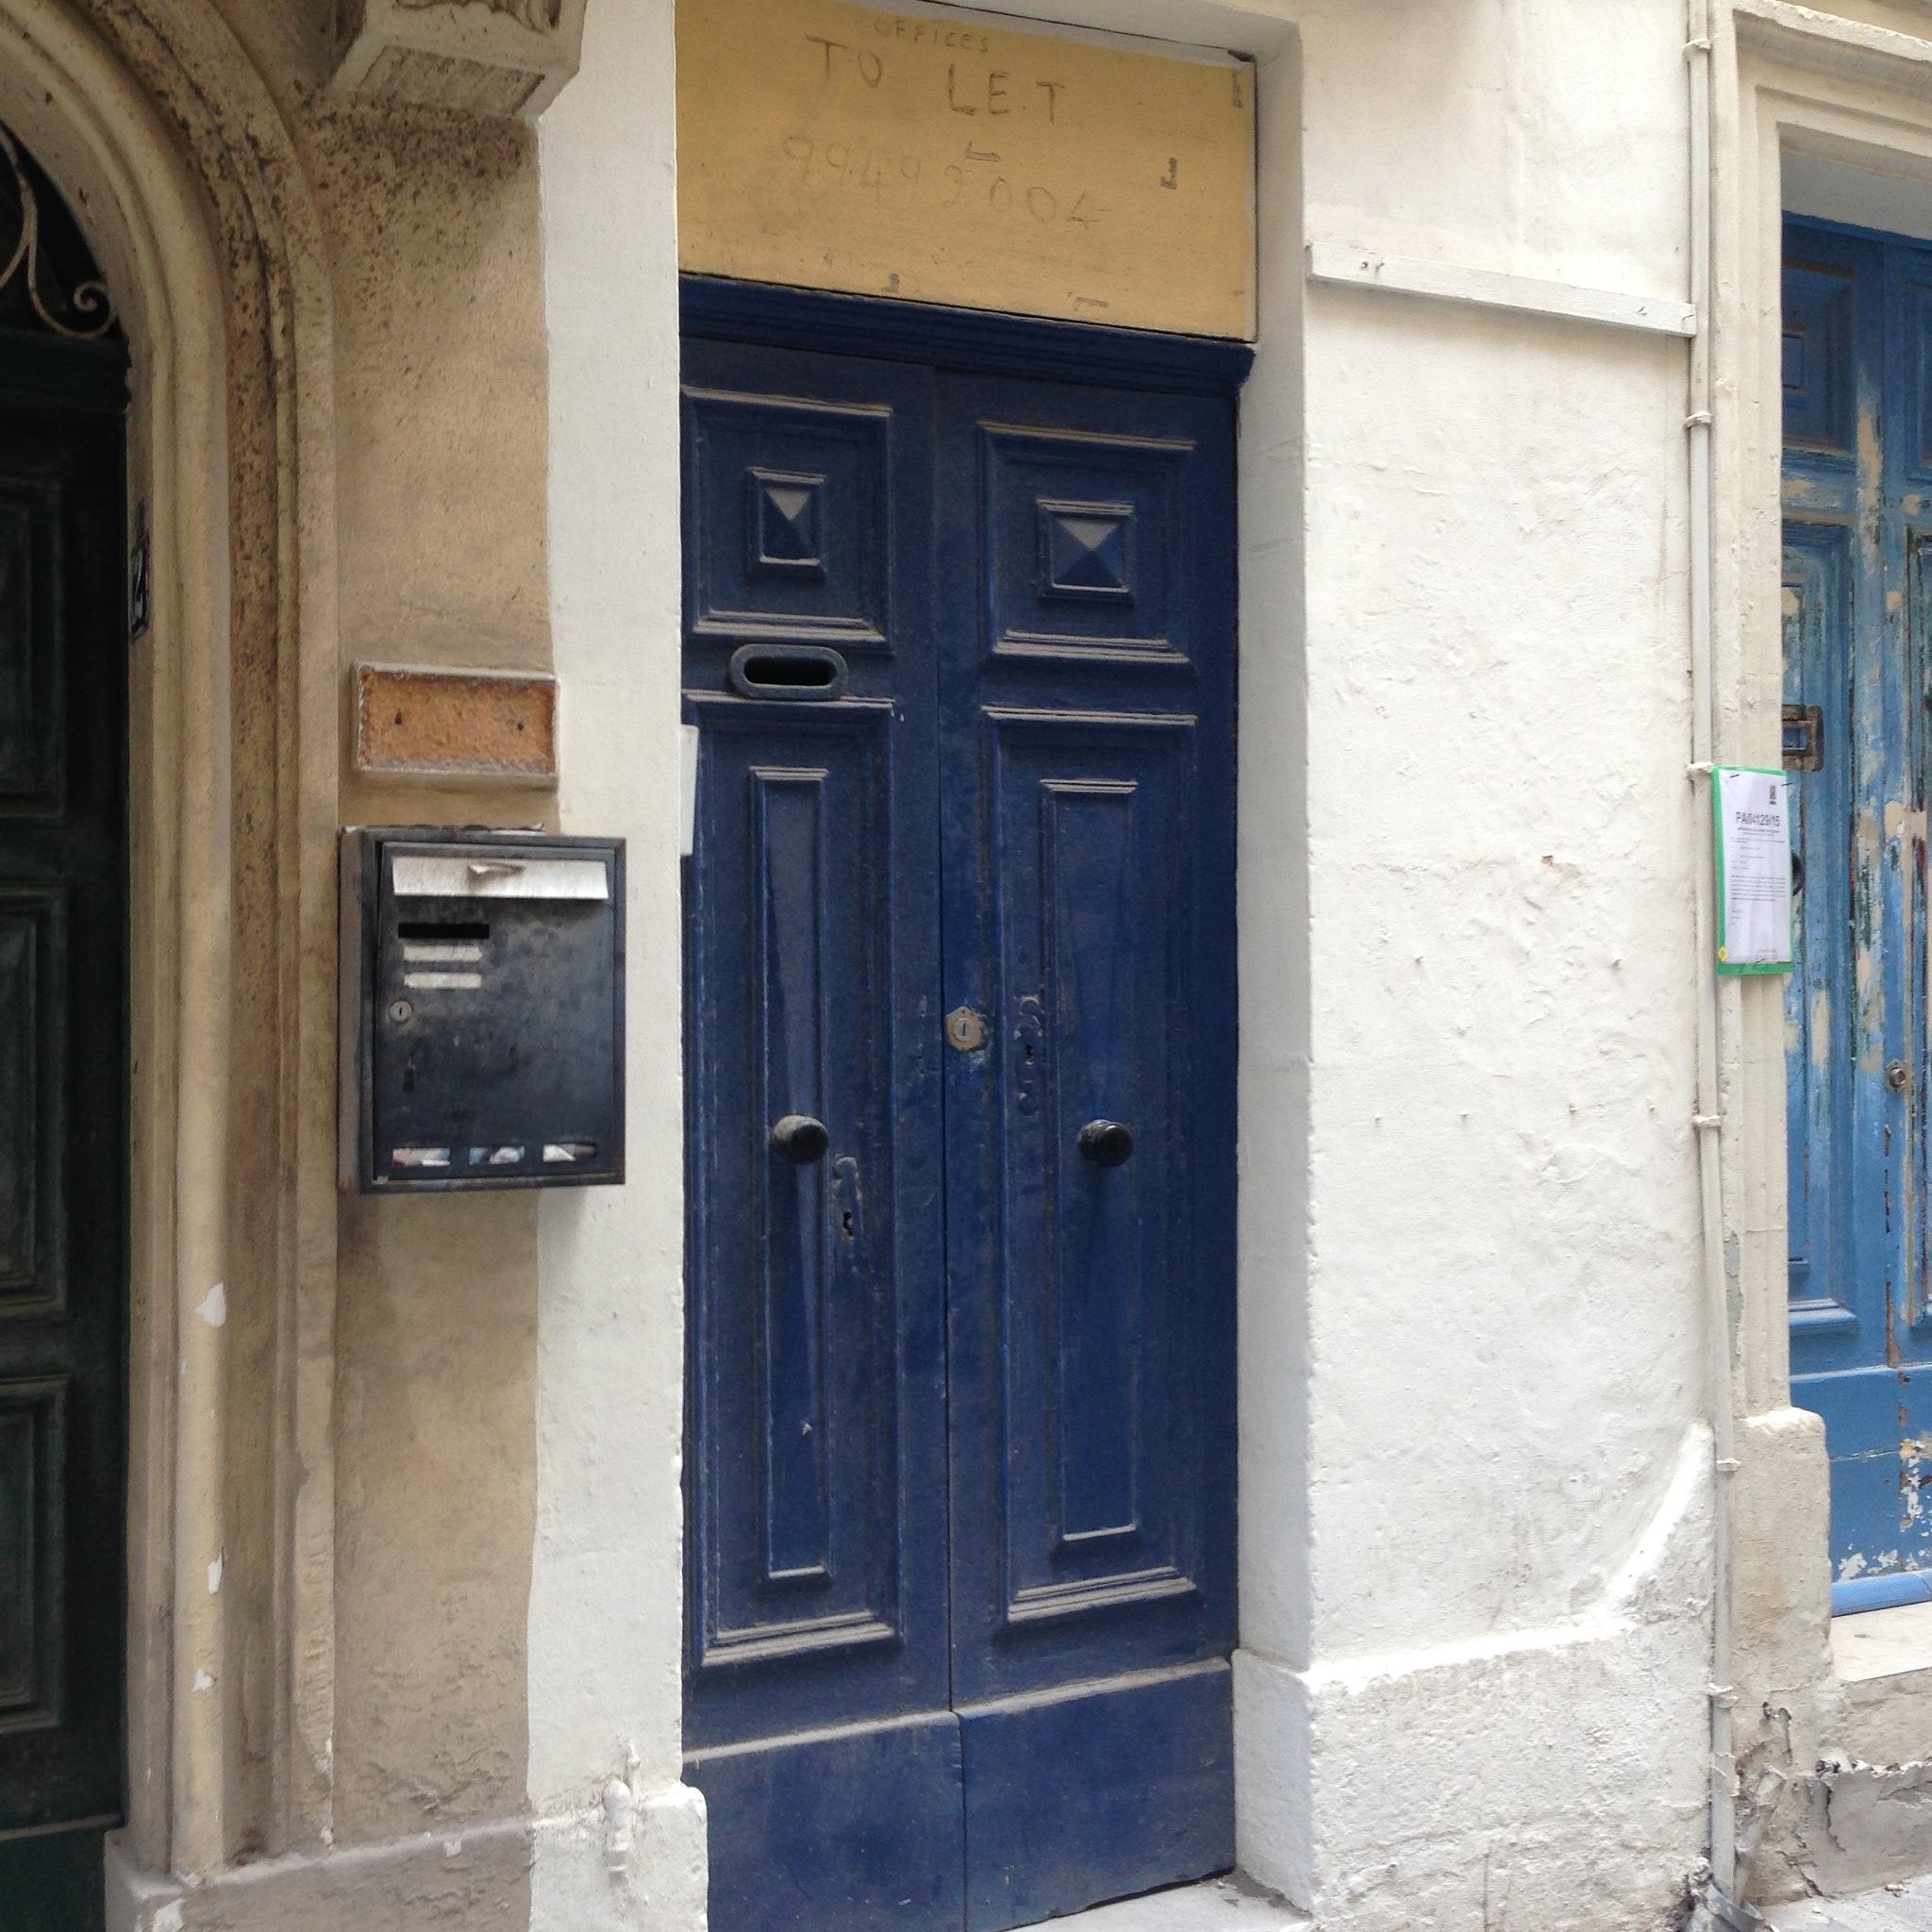 Maltese Door by Peta Rahmatalla